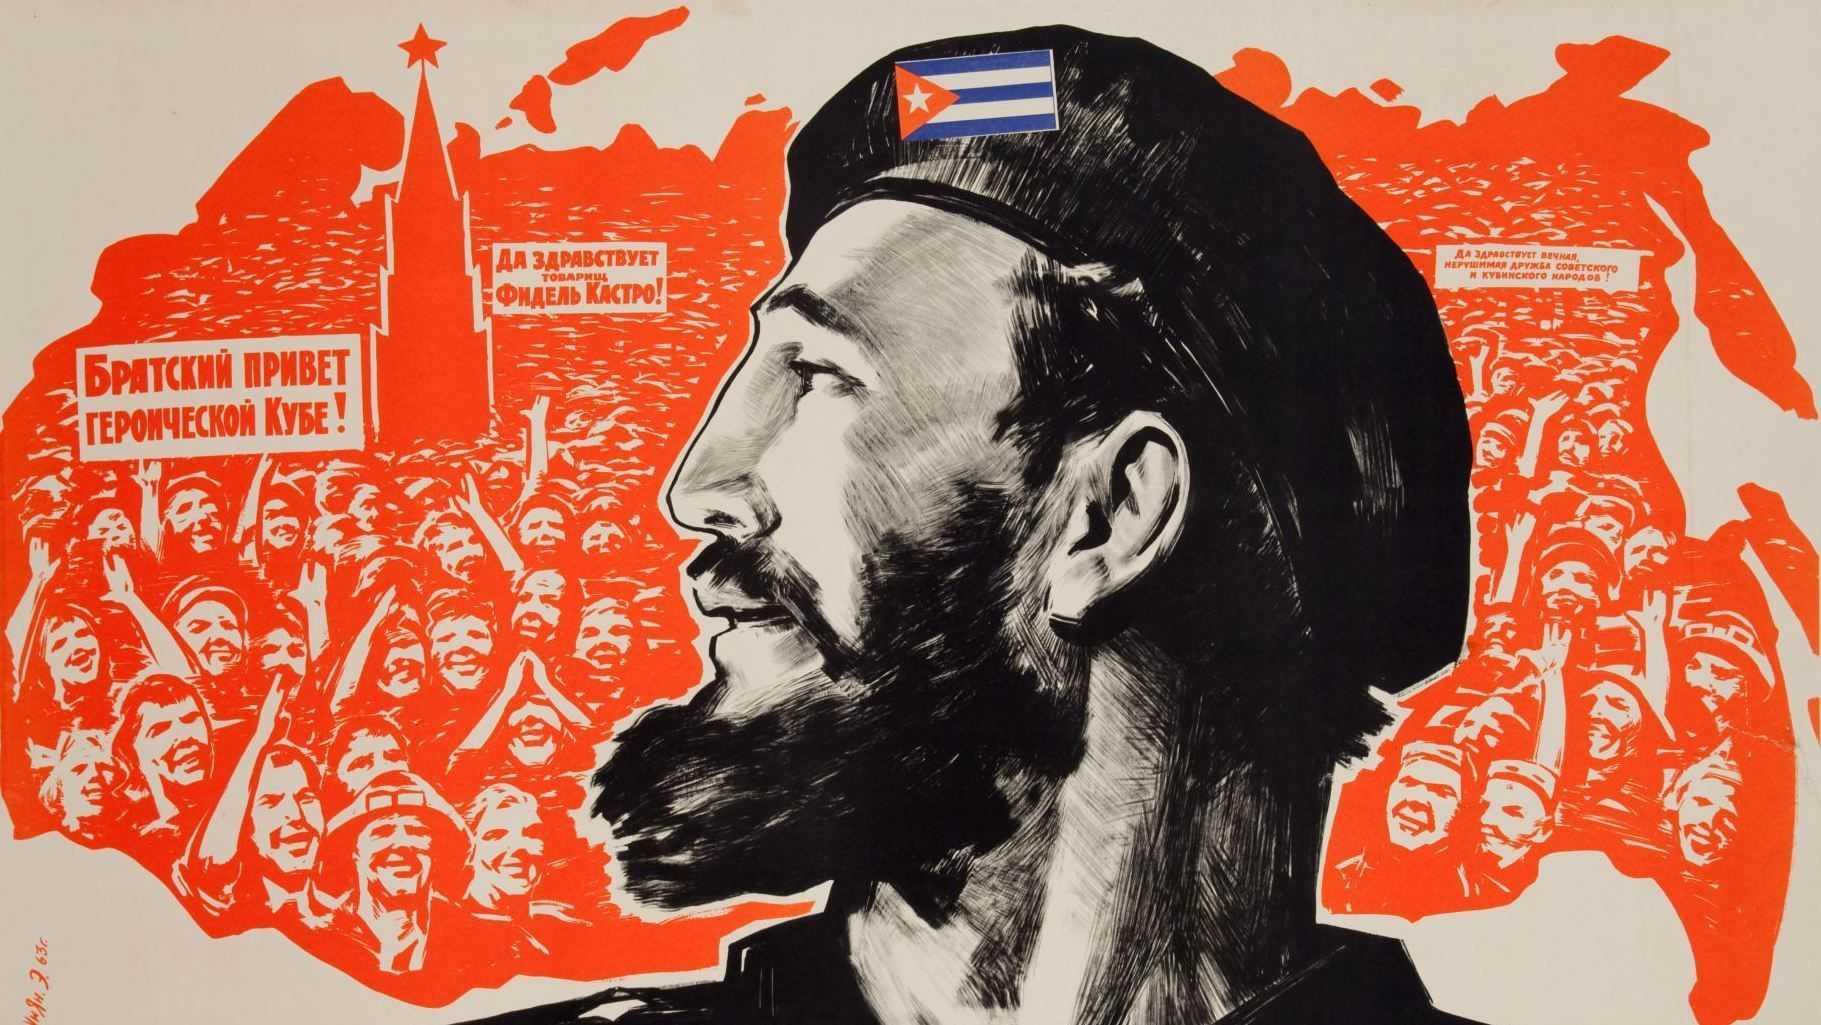 Братский привет героической Кубе! 1963